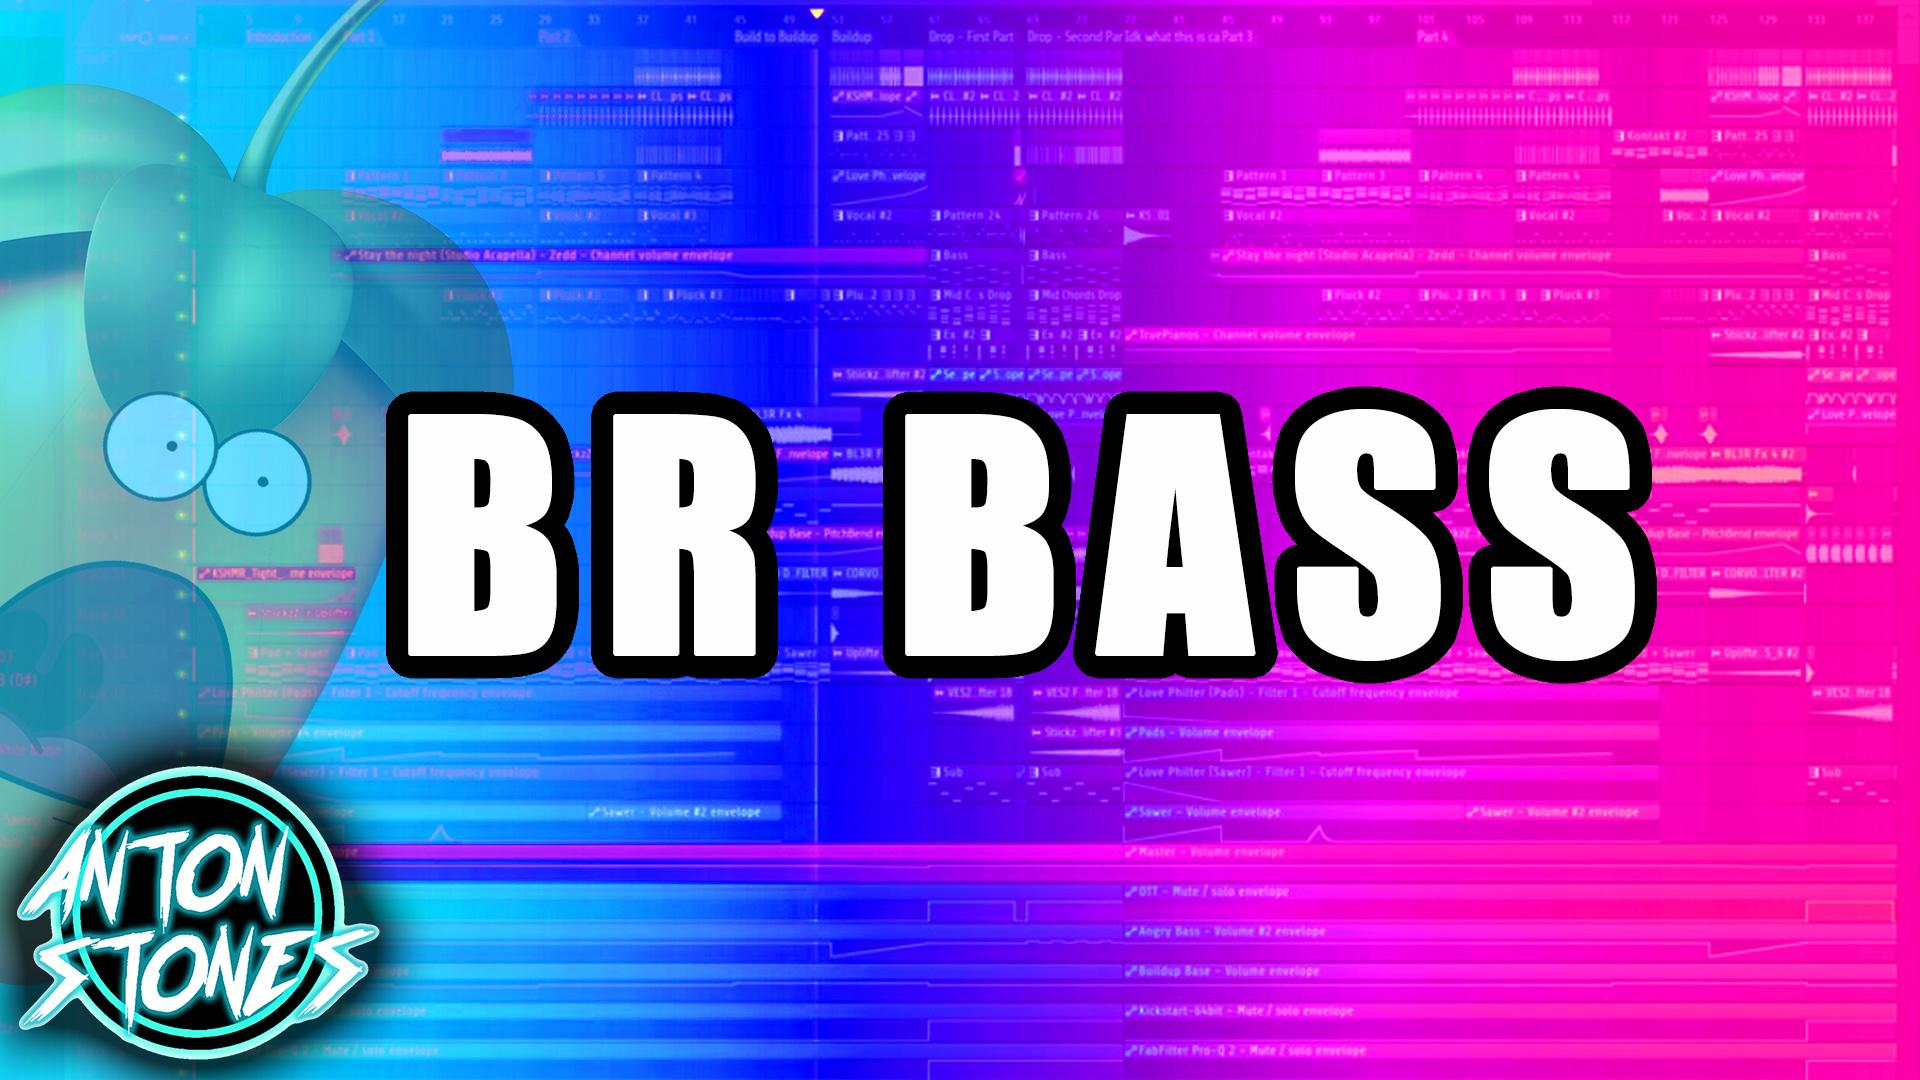 BR Bass